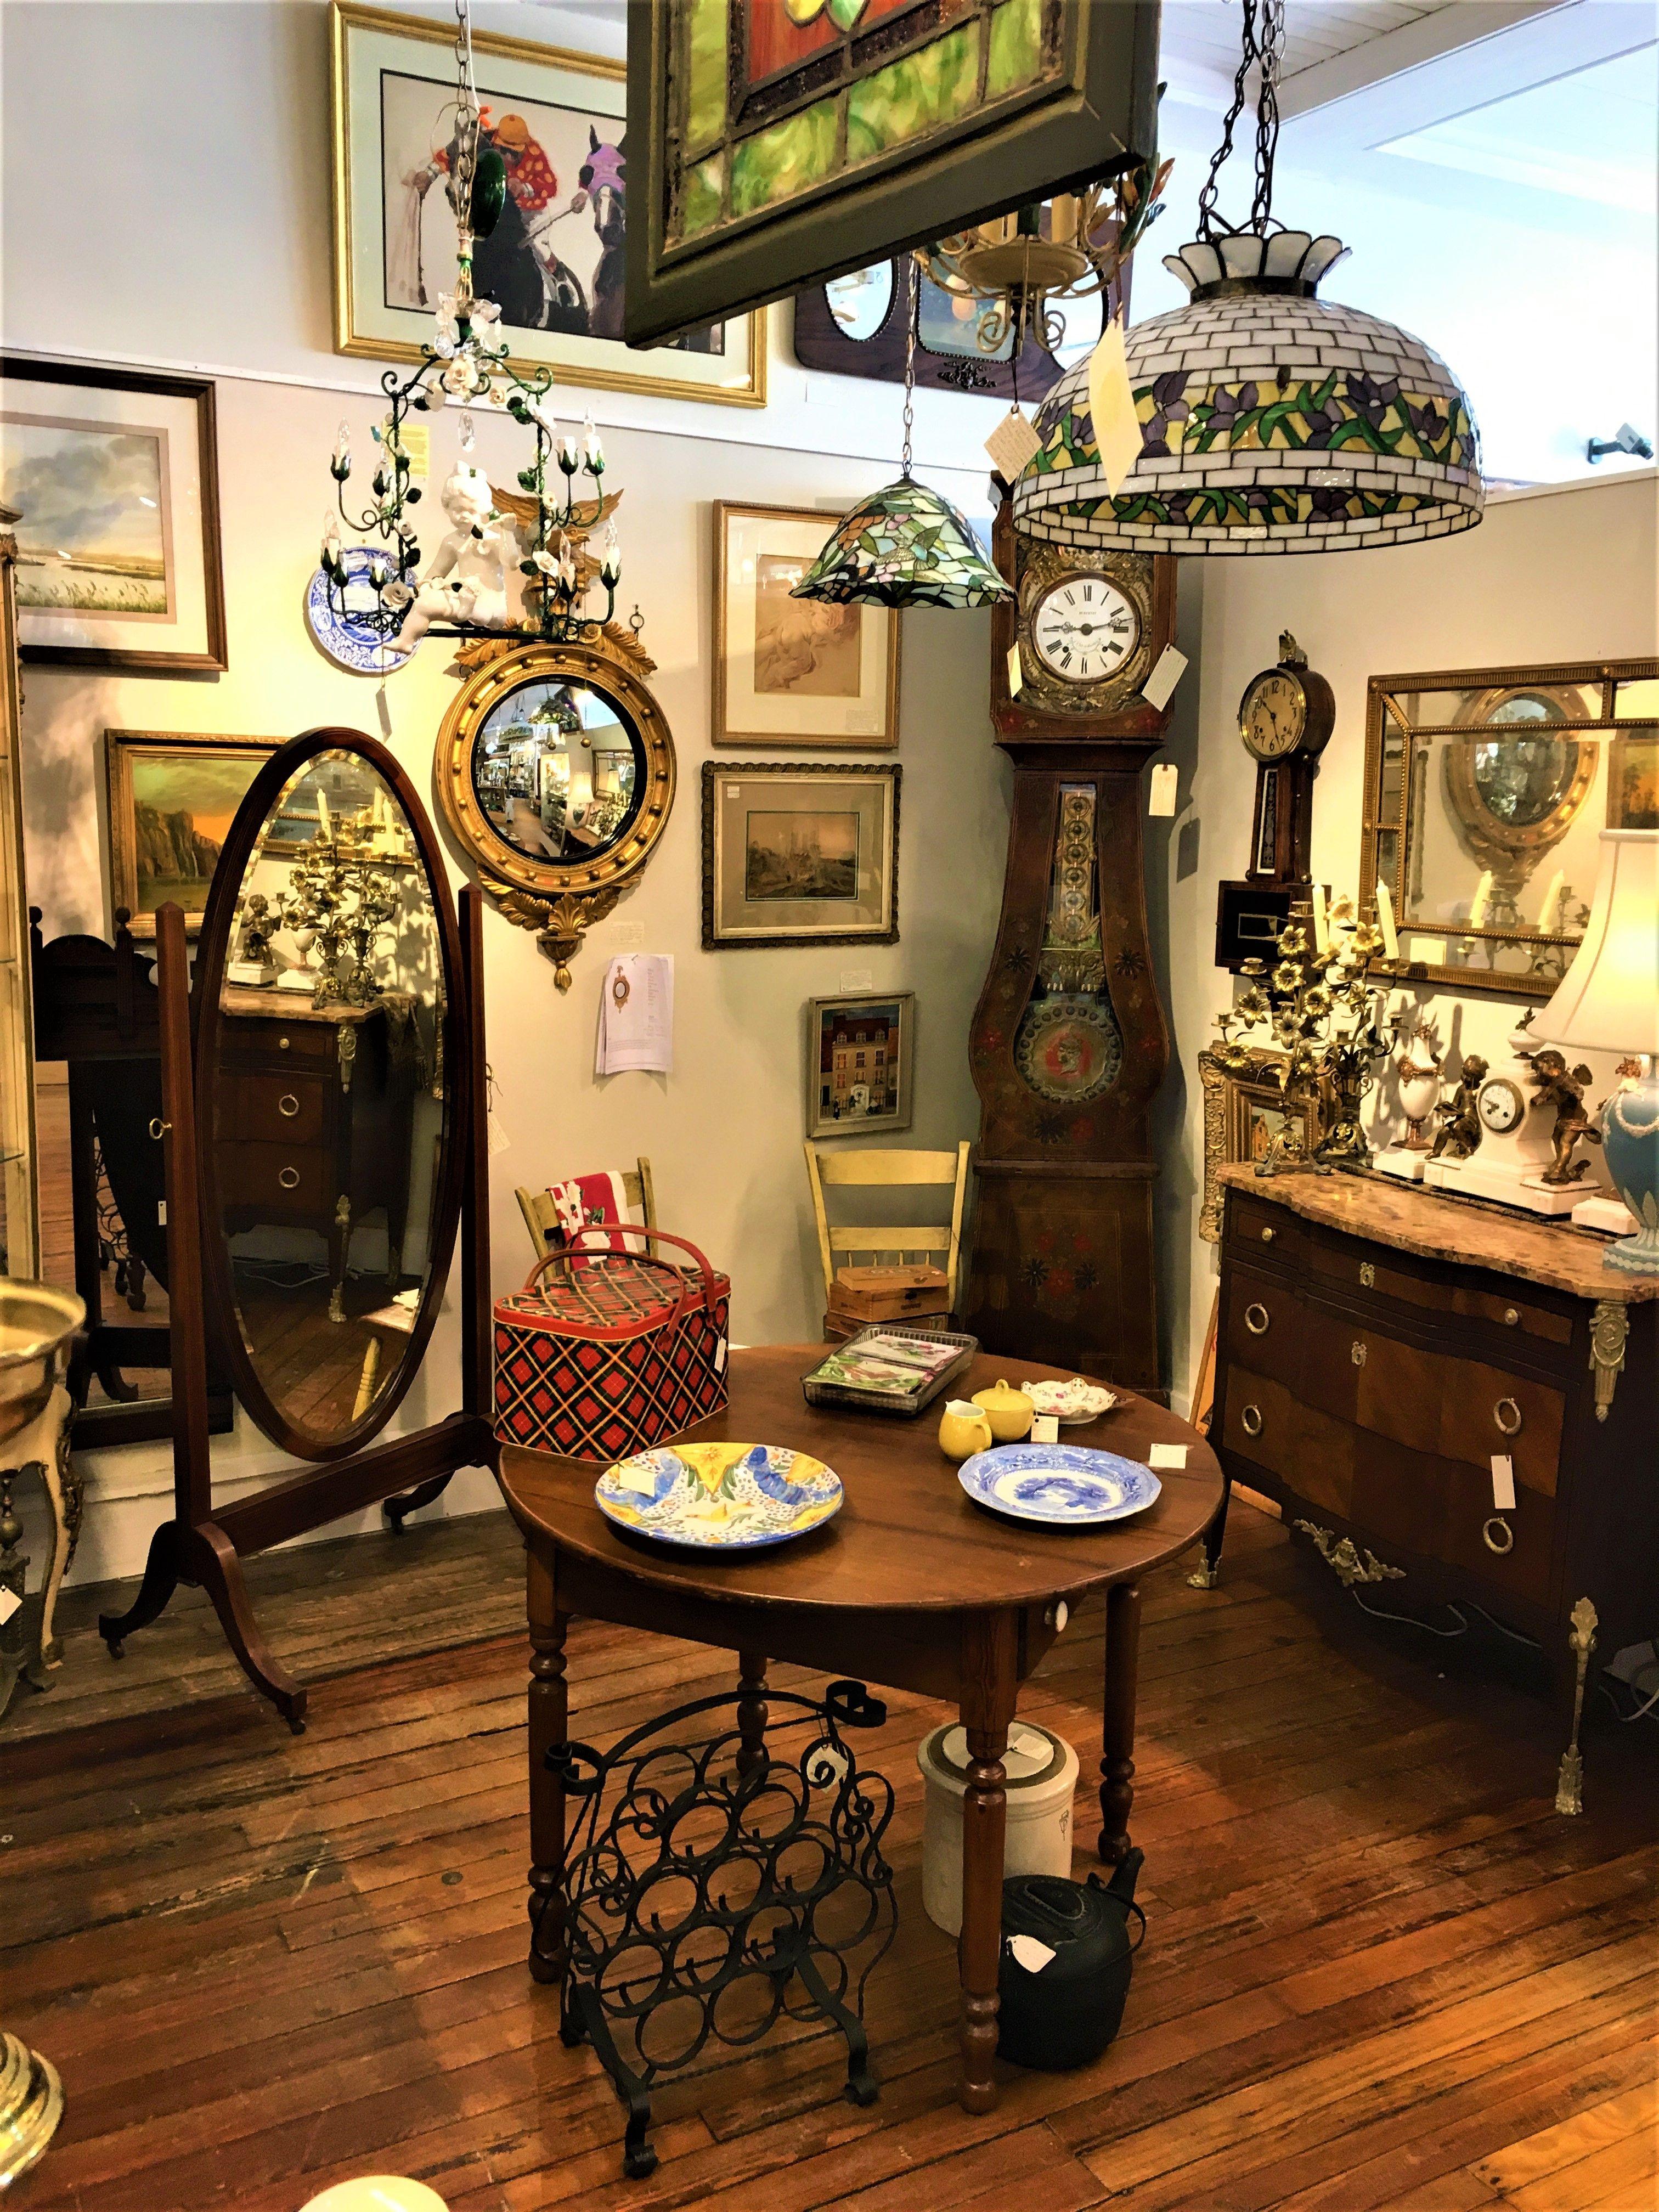 Antique Vintage Decor Interiordesign